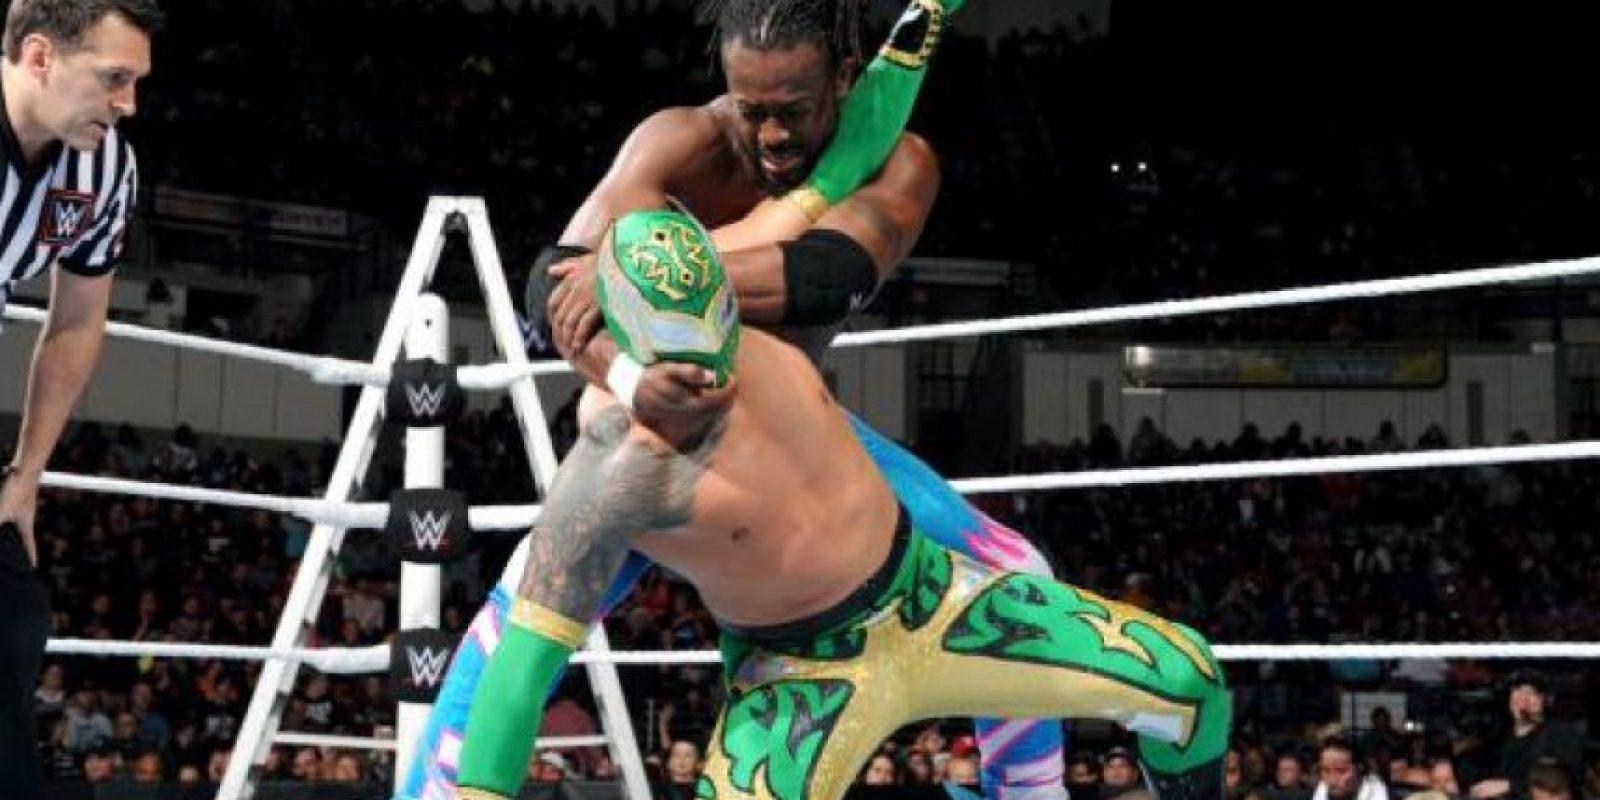 """Luego de que el original Sin Cara fuera despedido, el nuevo Sin Cara no ha despegado en forma individual y tuvo que buscar una pareja en Kalisto, con quien forma la alianza conocida como """"Lucha Dragons"""" Foto:WWE"""